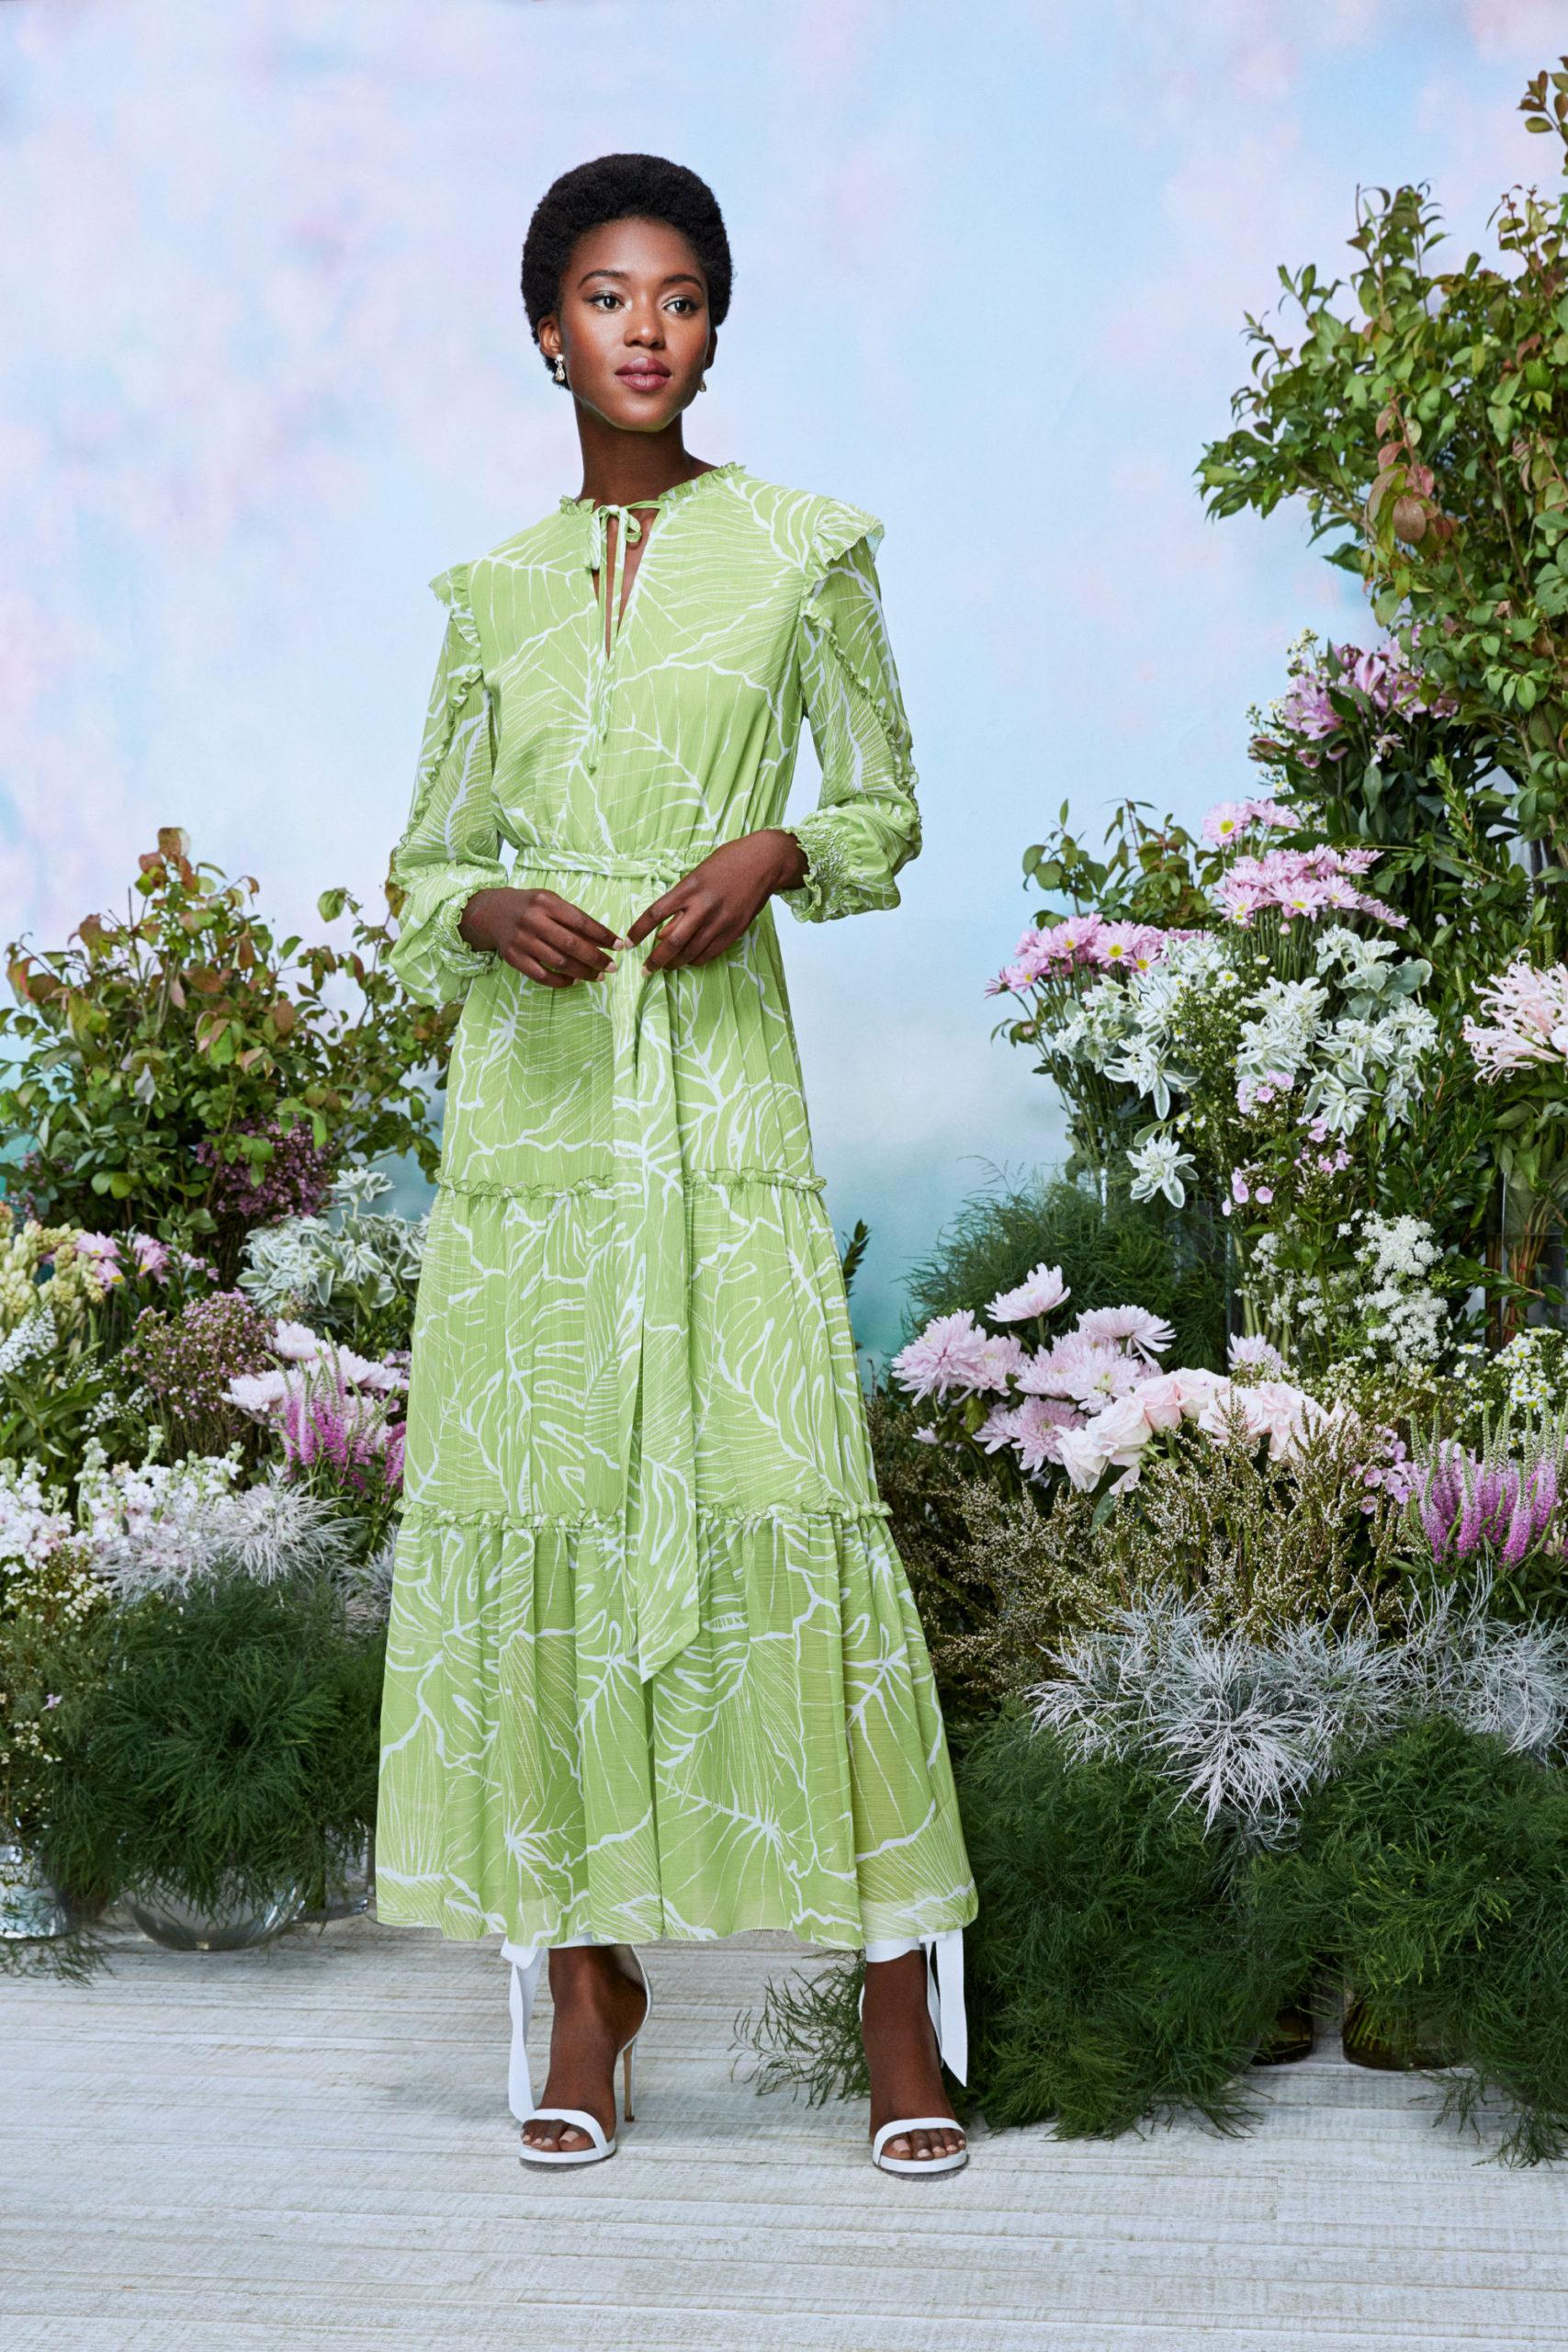 Ментоловый образ от Marchesa Notte Ready To Wear весна-лето 2021